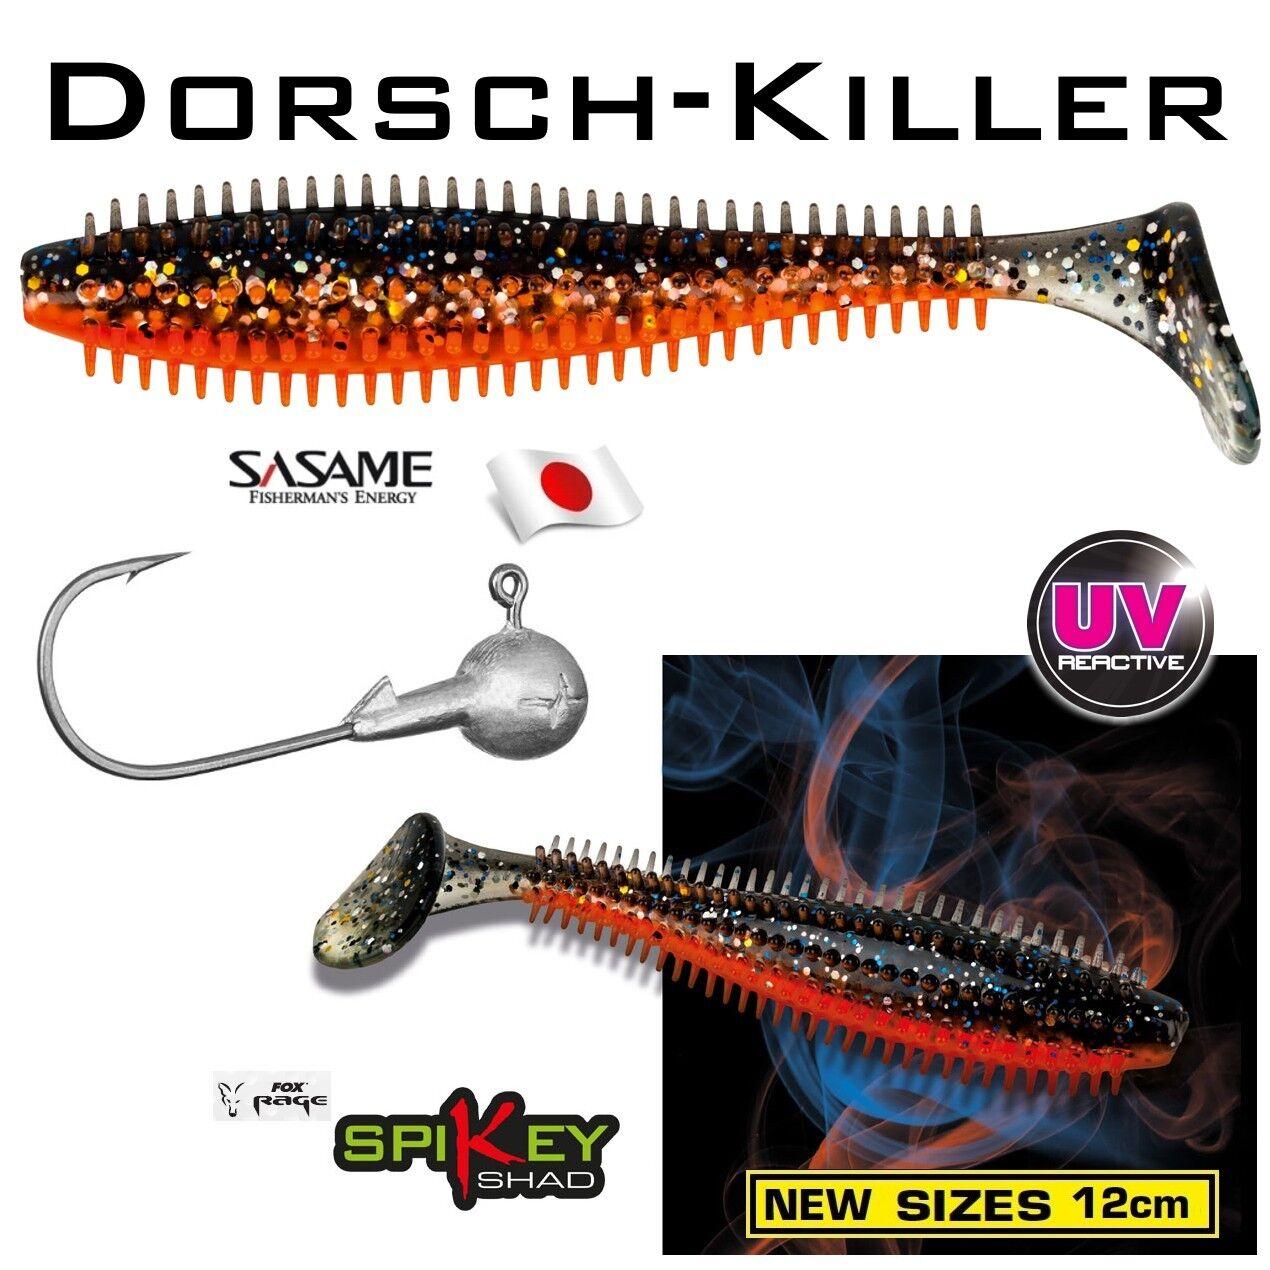 Nouveau 12 cm morue tueur +++ de Fox Rage +++ tueur Spikey avec SASAME gigue Crochet 35 g 512919